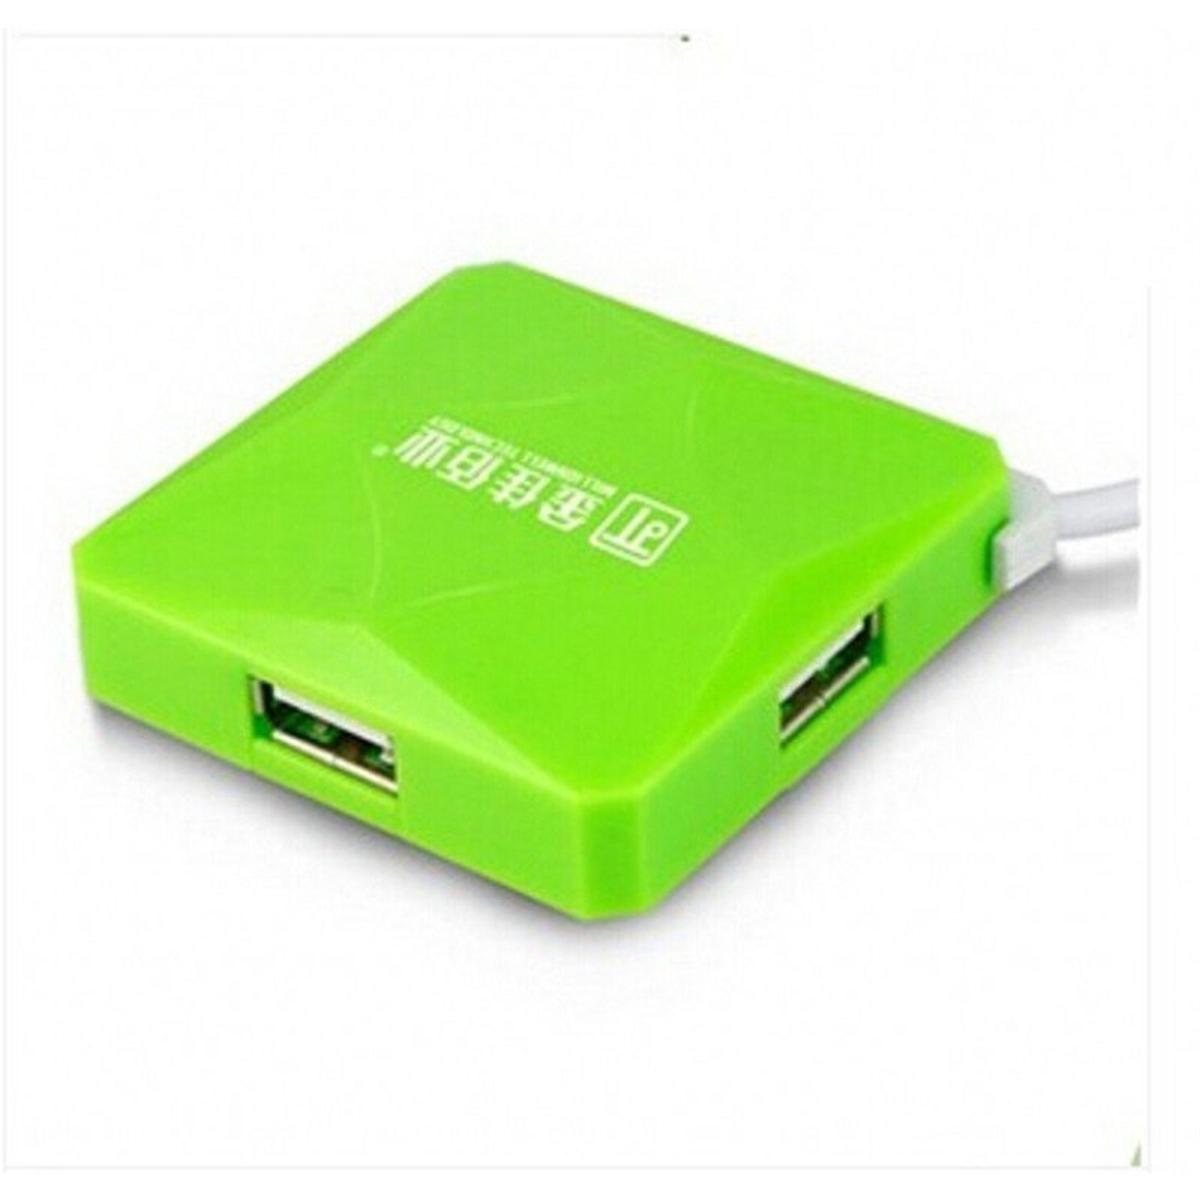 金佳佰业 水立方 USB-HUBUSB集线器 1.2M (单位:卡) 绿色